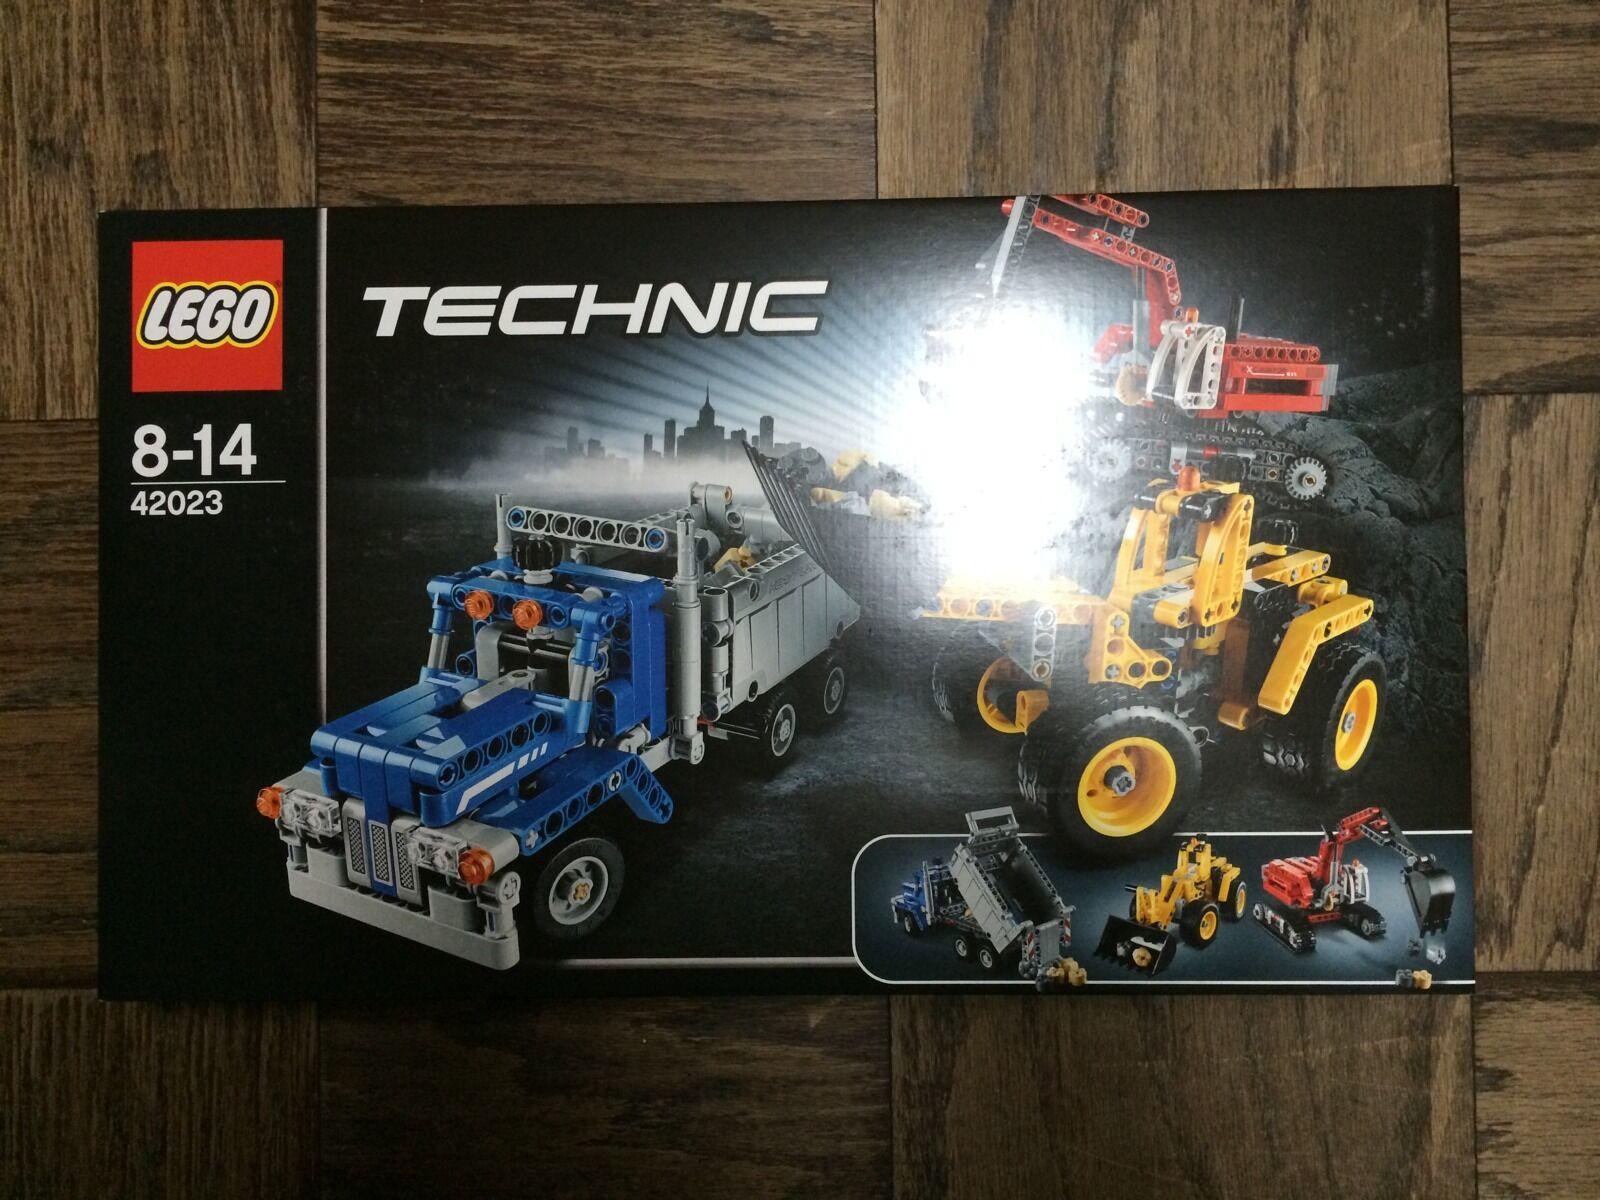 Nuevo LEGO TECHNIC Crew (42023) - Construction Menta en Caja Sellada